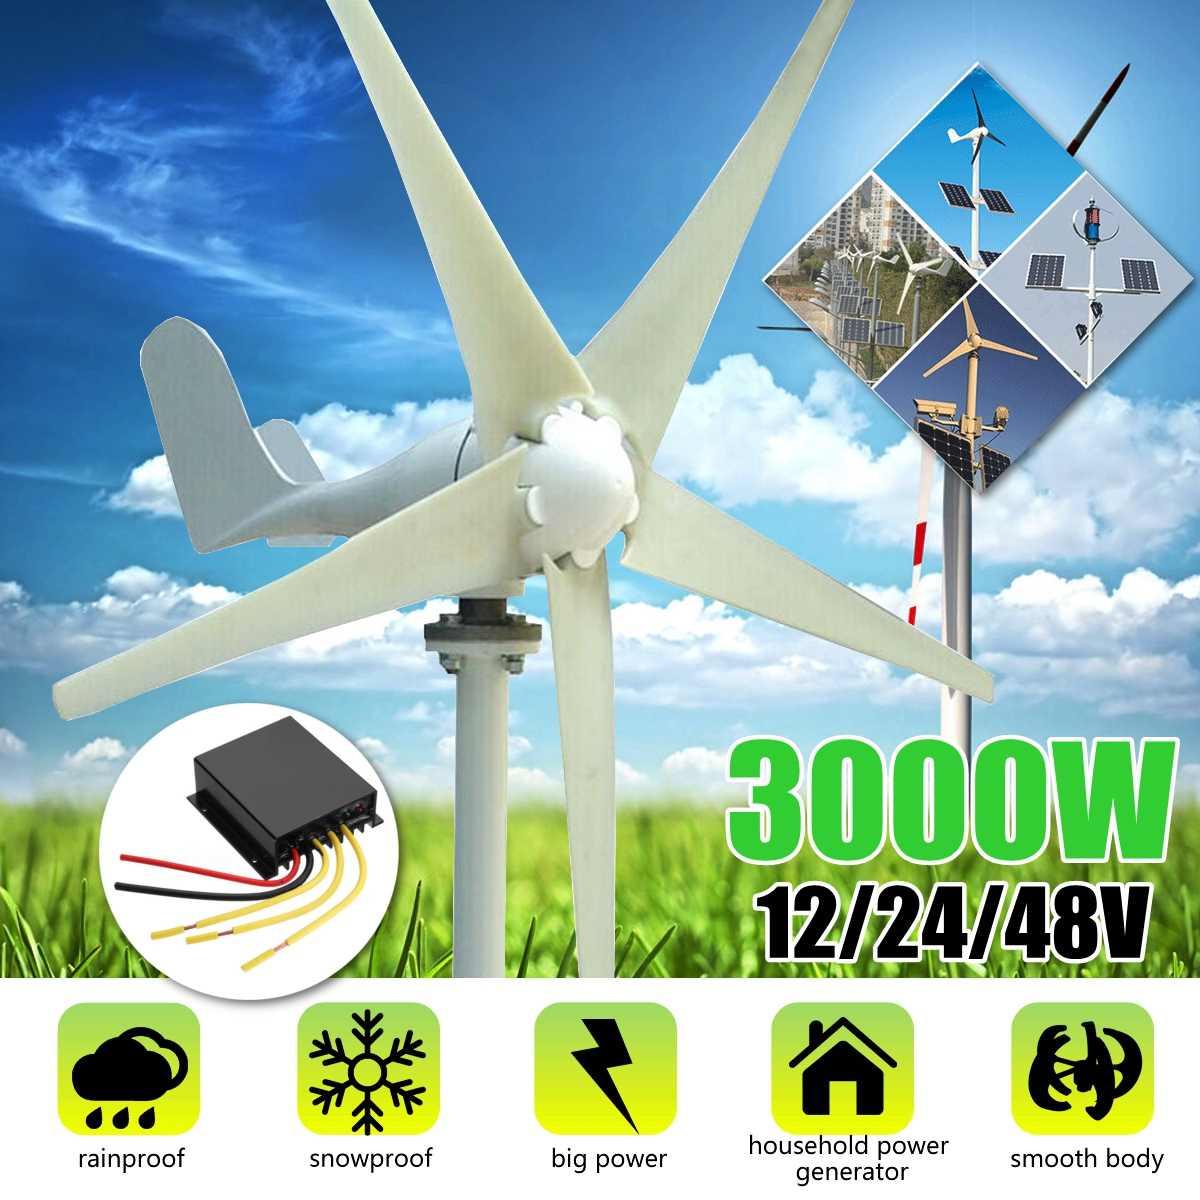 3000W 12 V/24 V/48 V 5 ostrza wiatr T Generator urbines + bezpłatny kontroler ładowania używać do mieszkalnych Solar Streetlight, łódź